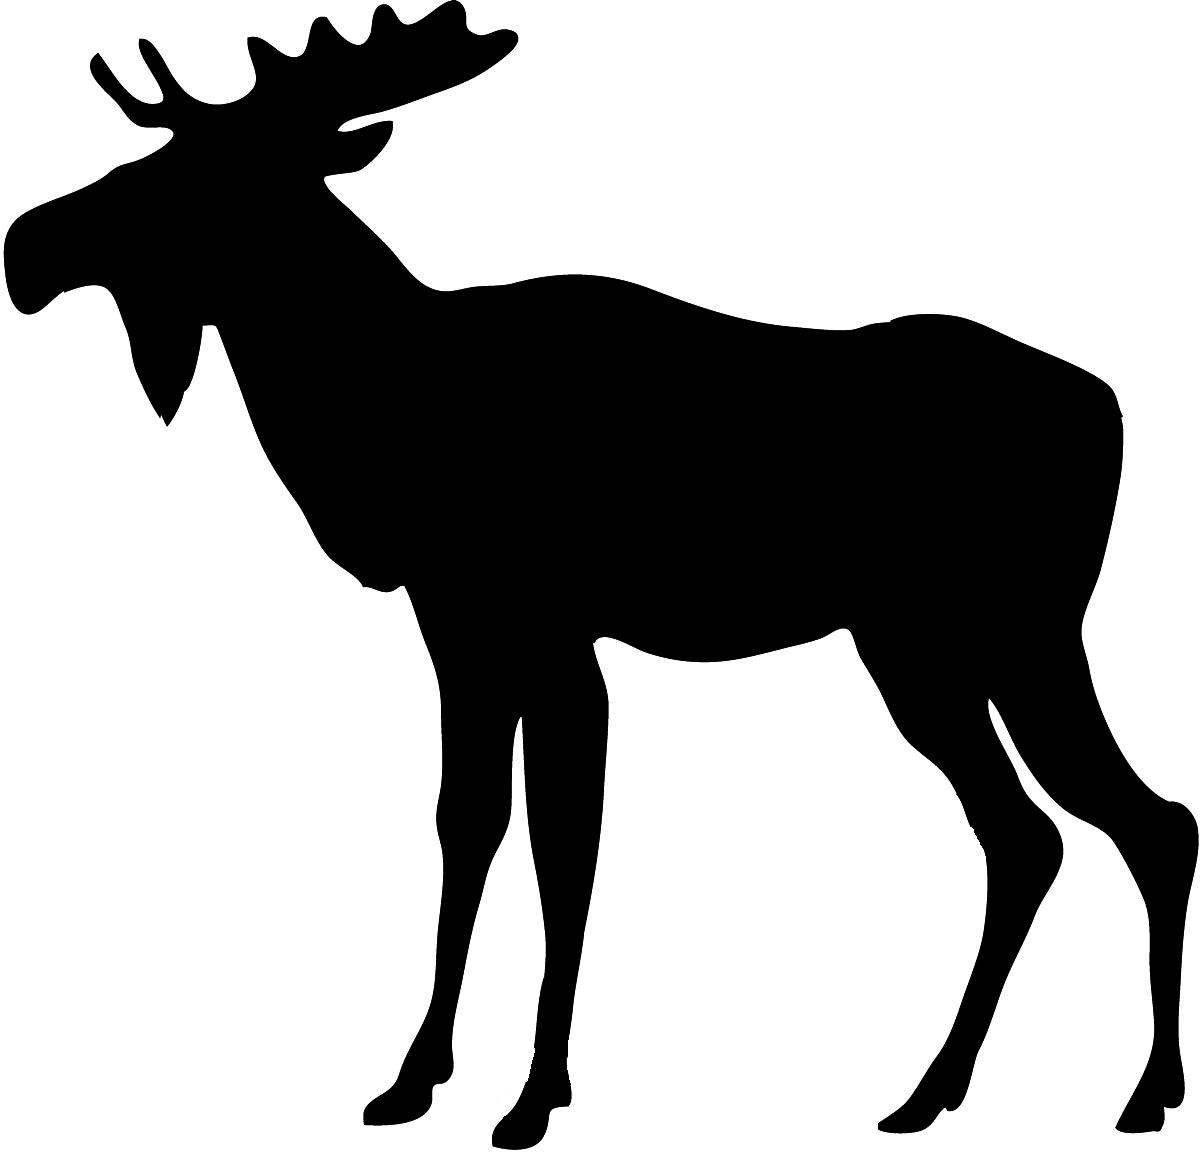 1200x1153 Animal Silhouette Animal Silhouette Moose 2.jpg Clocks